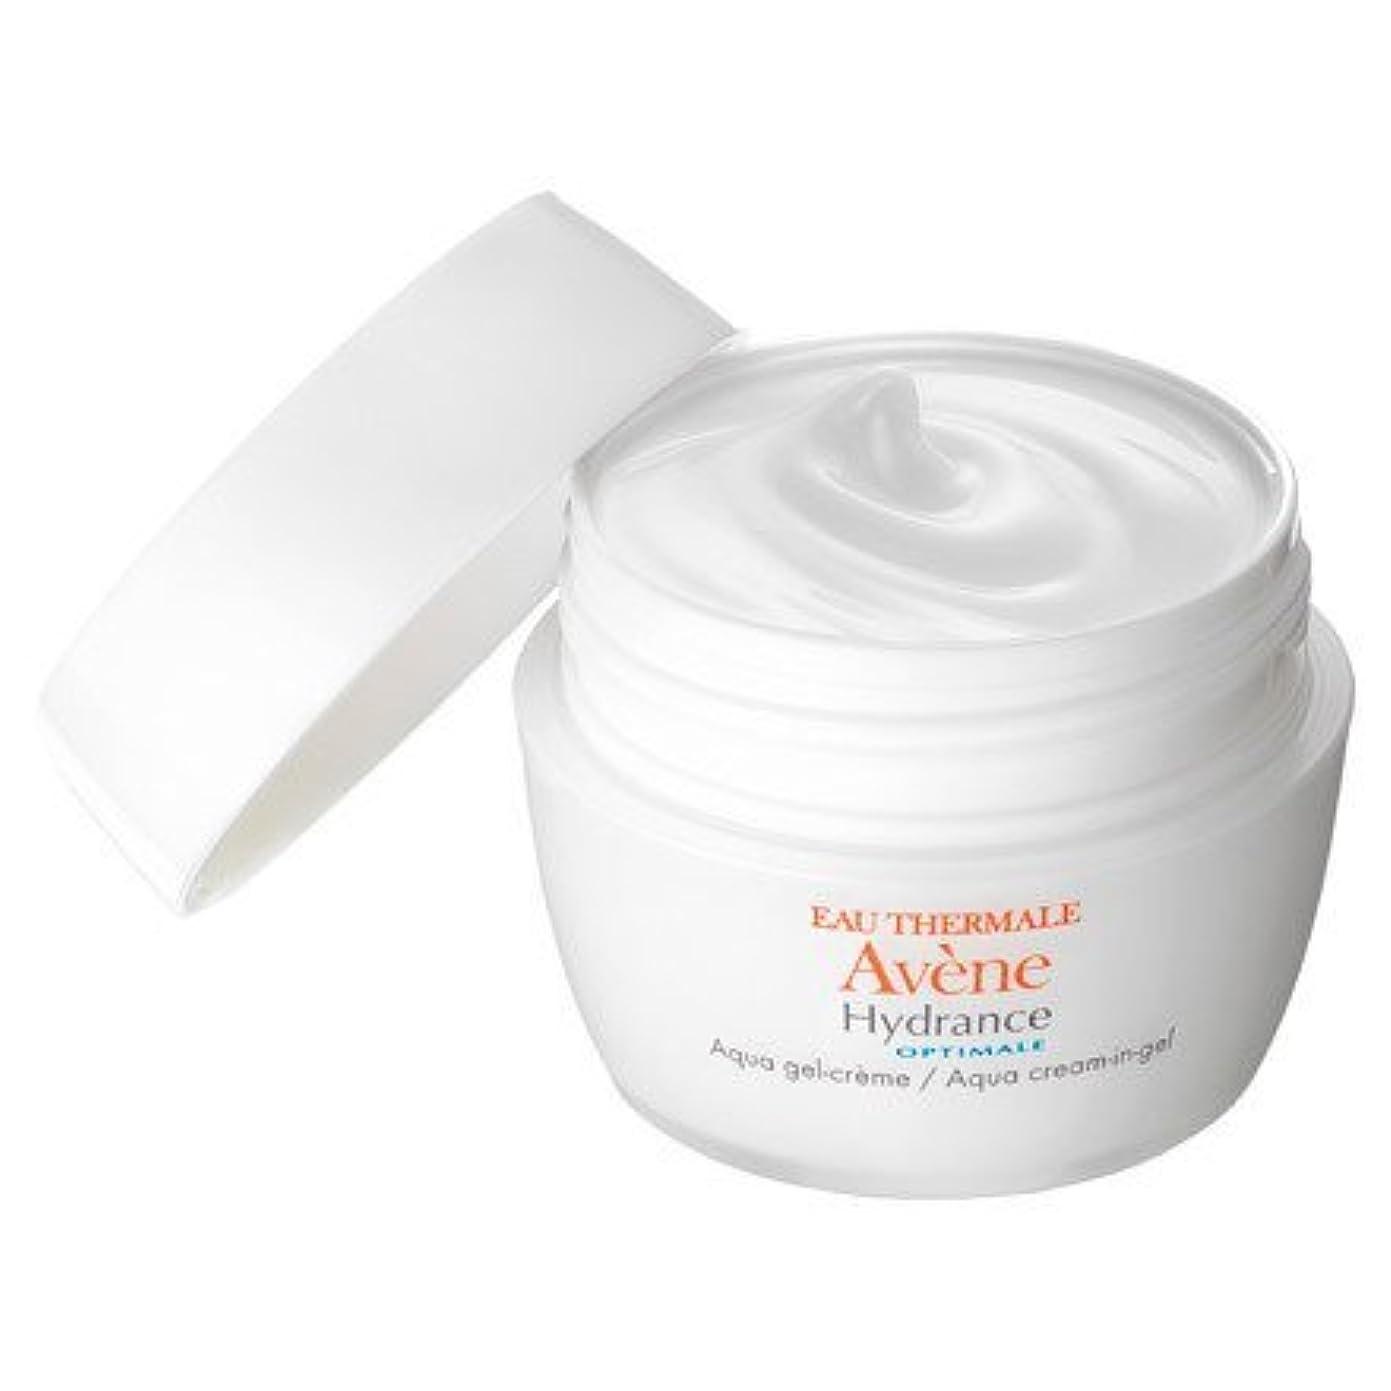 オーストラリア有力者仮称Avene Aqua Cream in Gel アベンヌ ミルキージェル 保湿ジェルクリーム 50g [海外直送品] [並行輸入品]